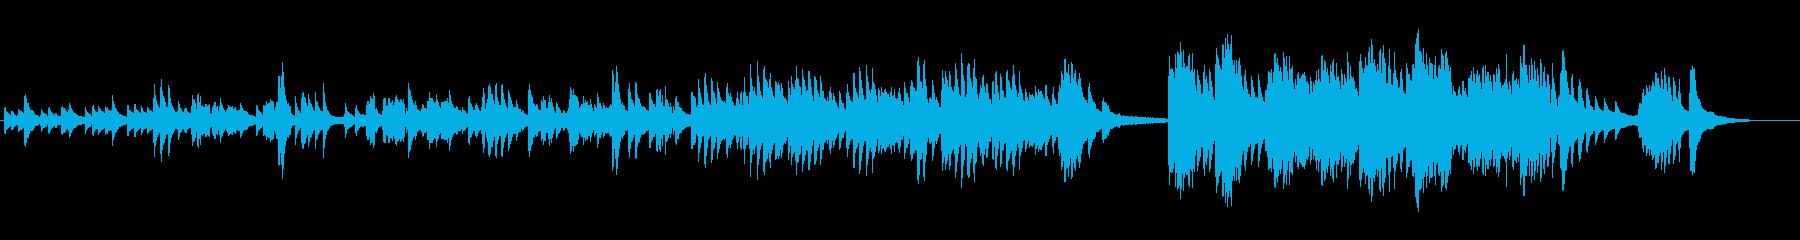 マリの回想の再生済みの波形